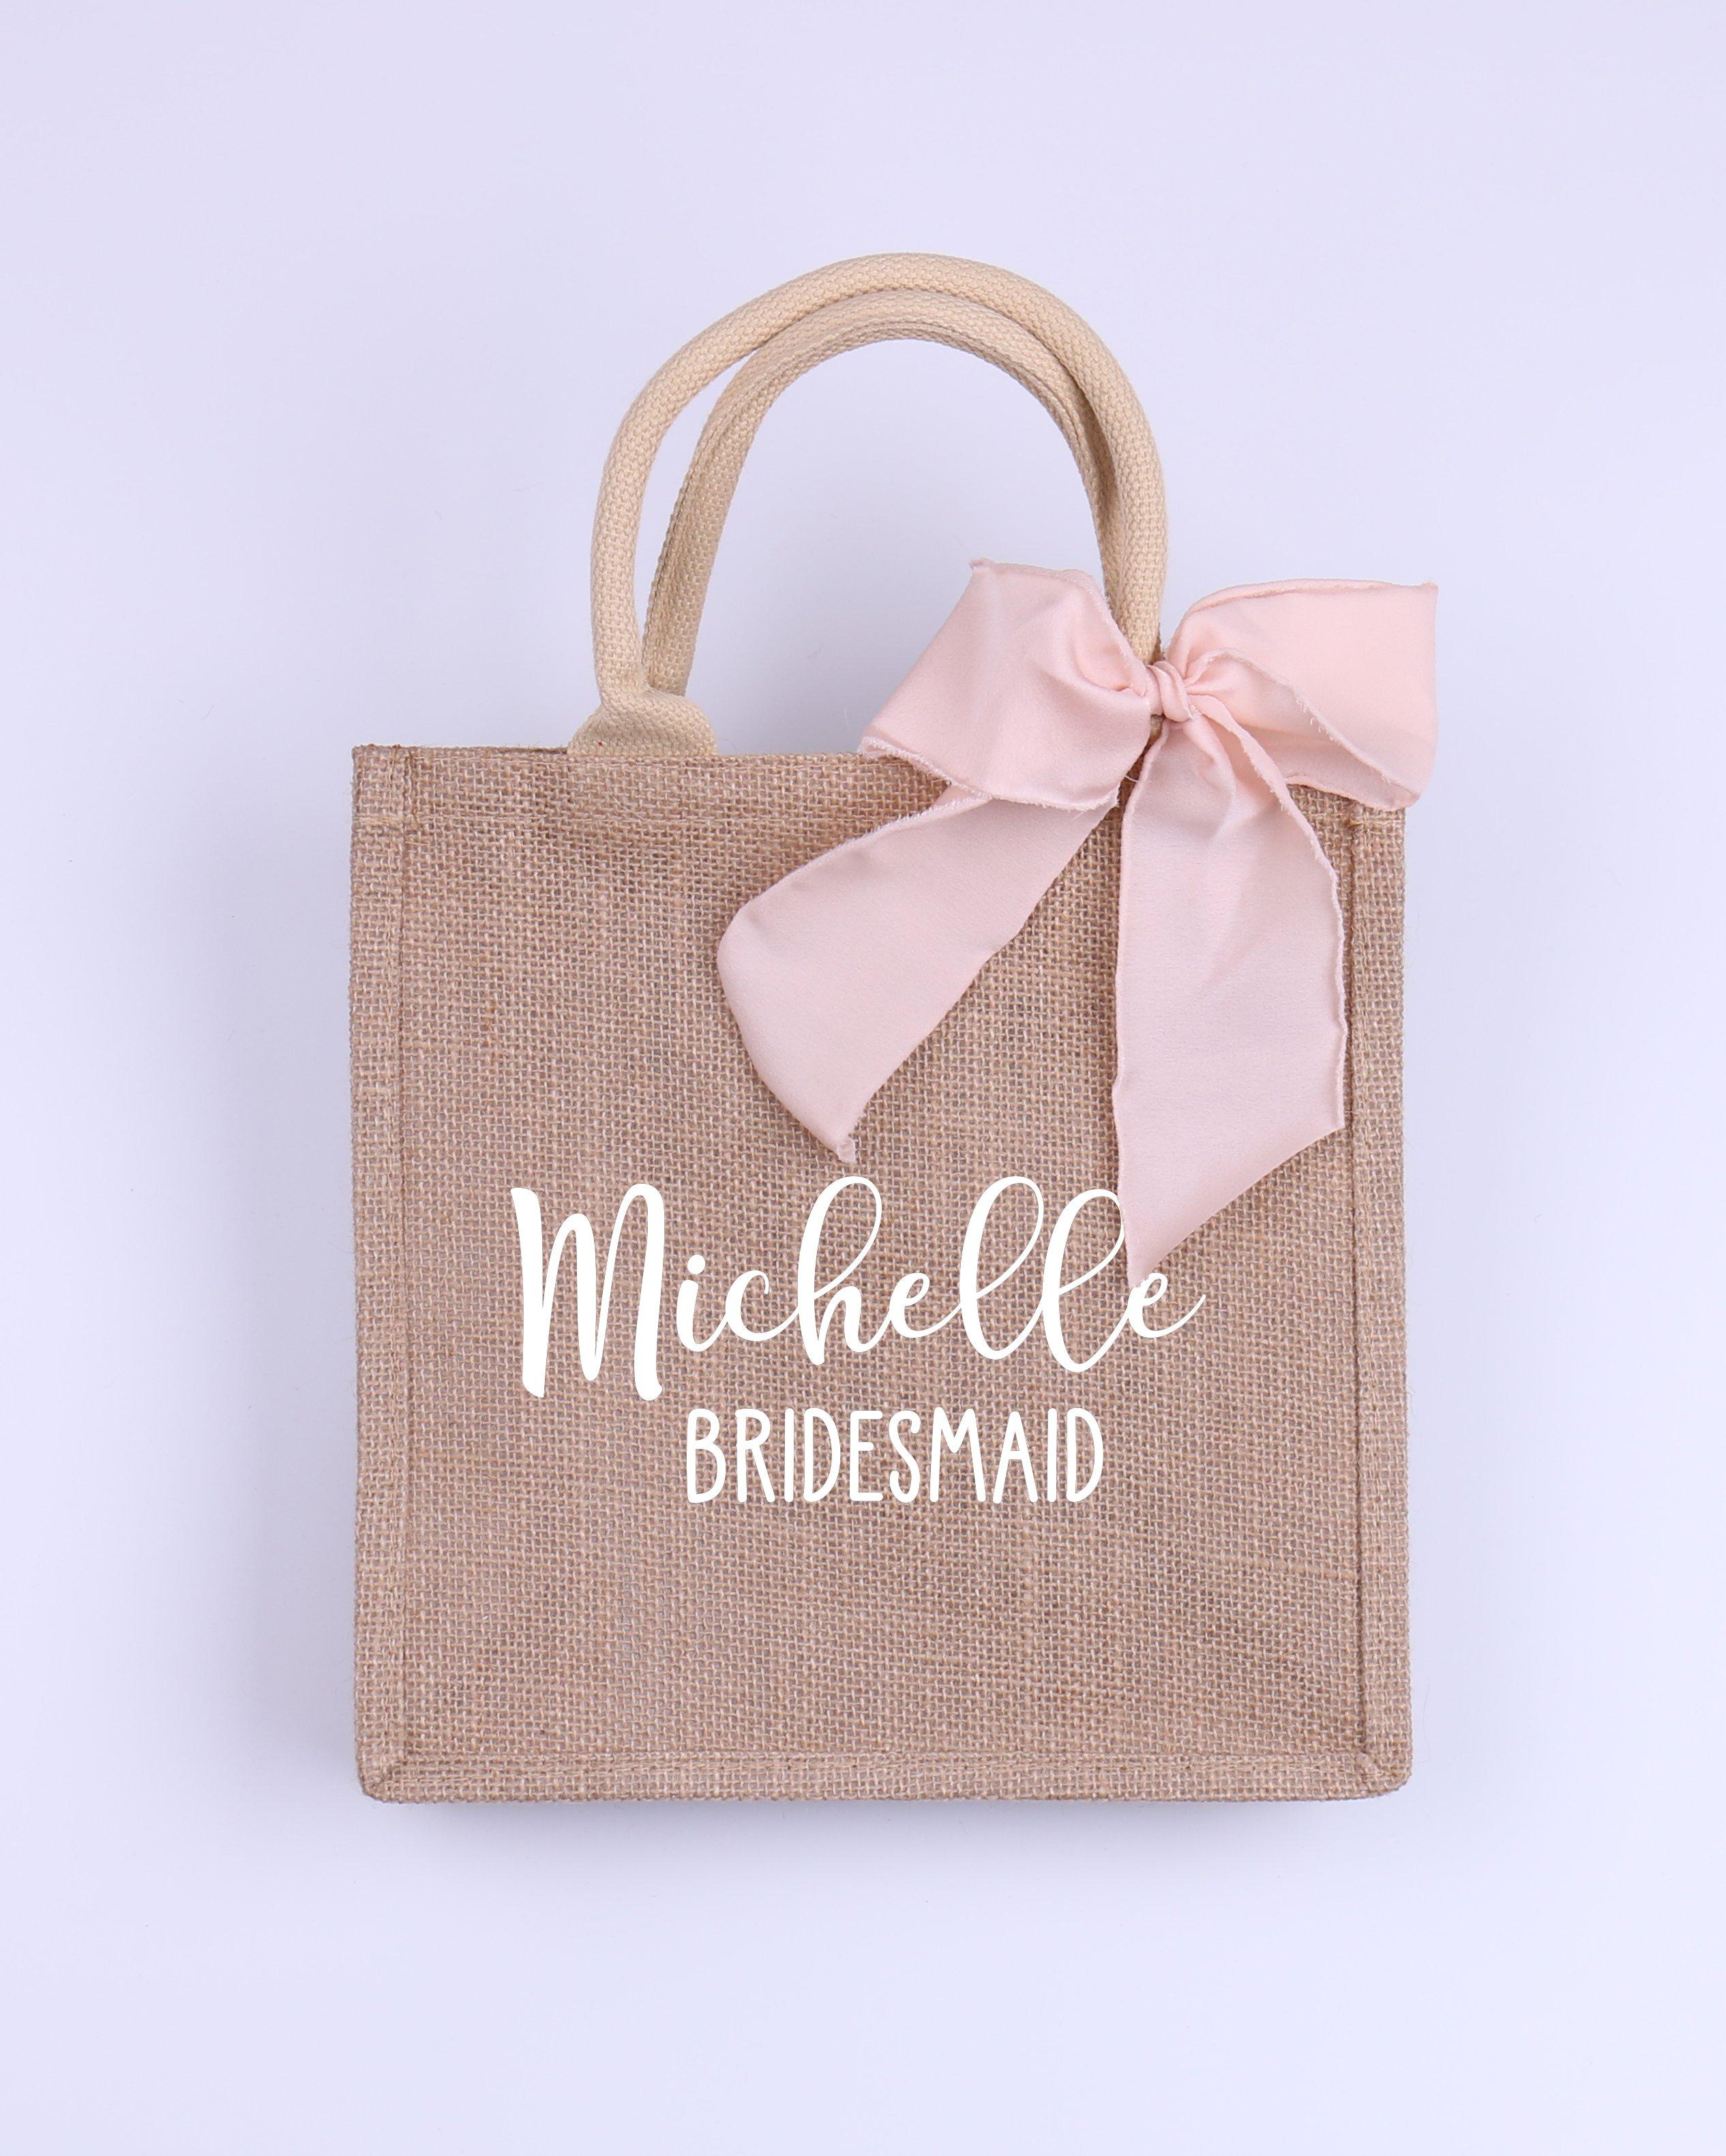 Bolsa de praia de compras personalizada da juta do casamento da boa vinda da dama de honra da serapilheira do saco do coração da tribo da noiva